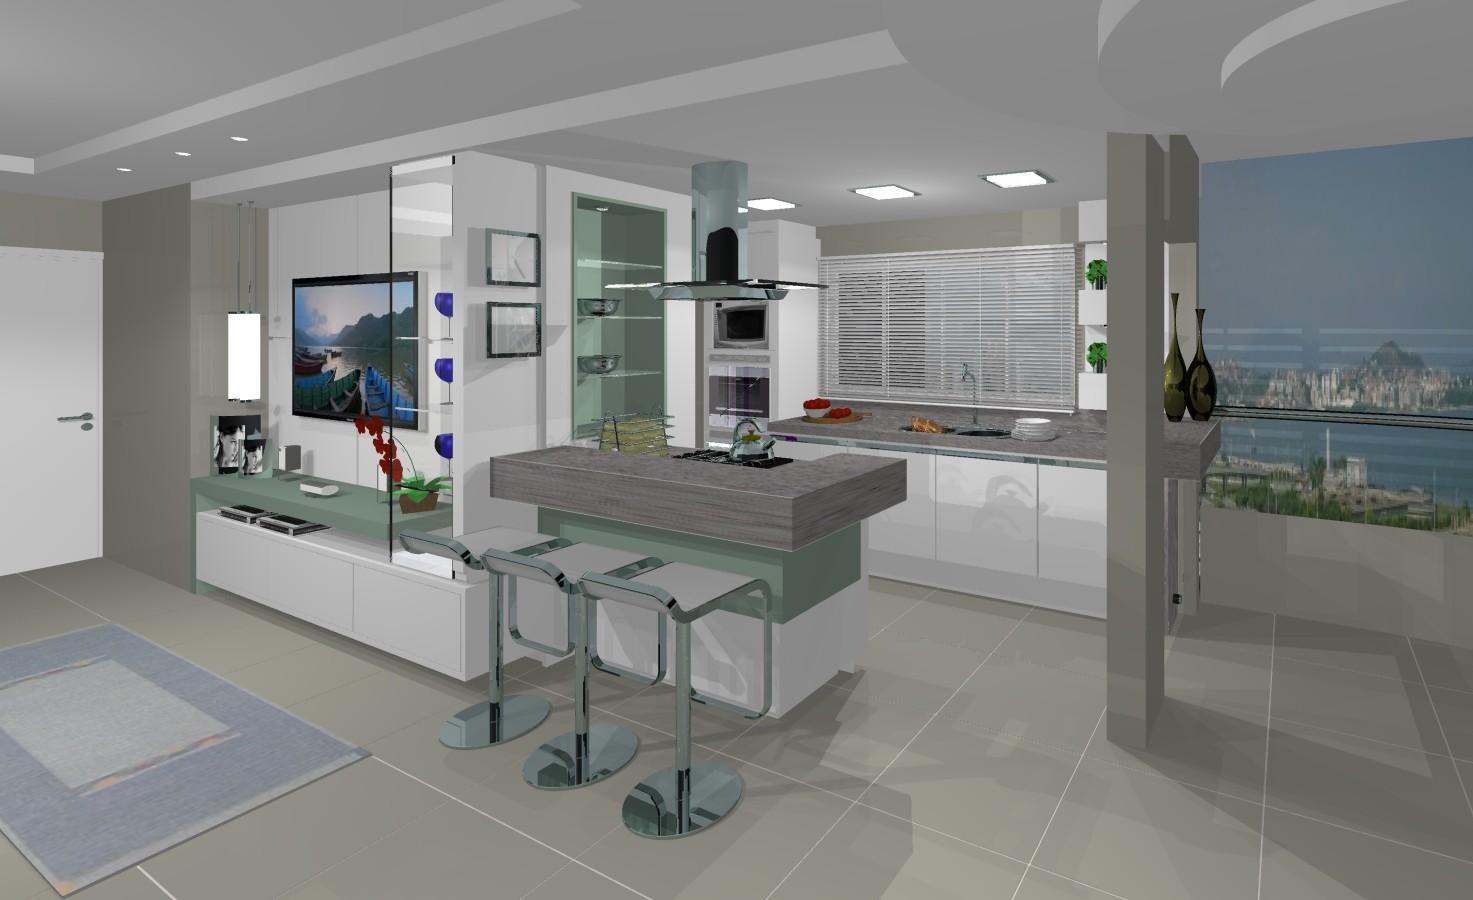 Cozinhas Planejadas Decoraçao De Cozinhas Simples E Pequenas Modelos #364667 1473 900